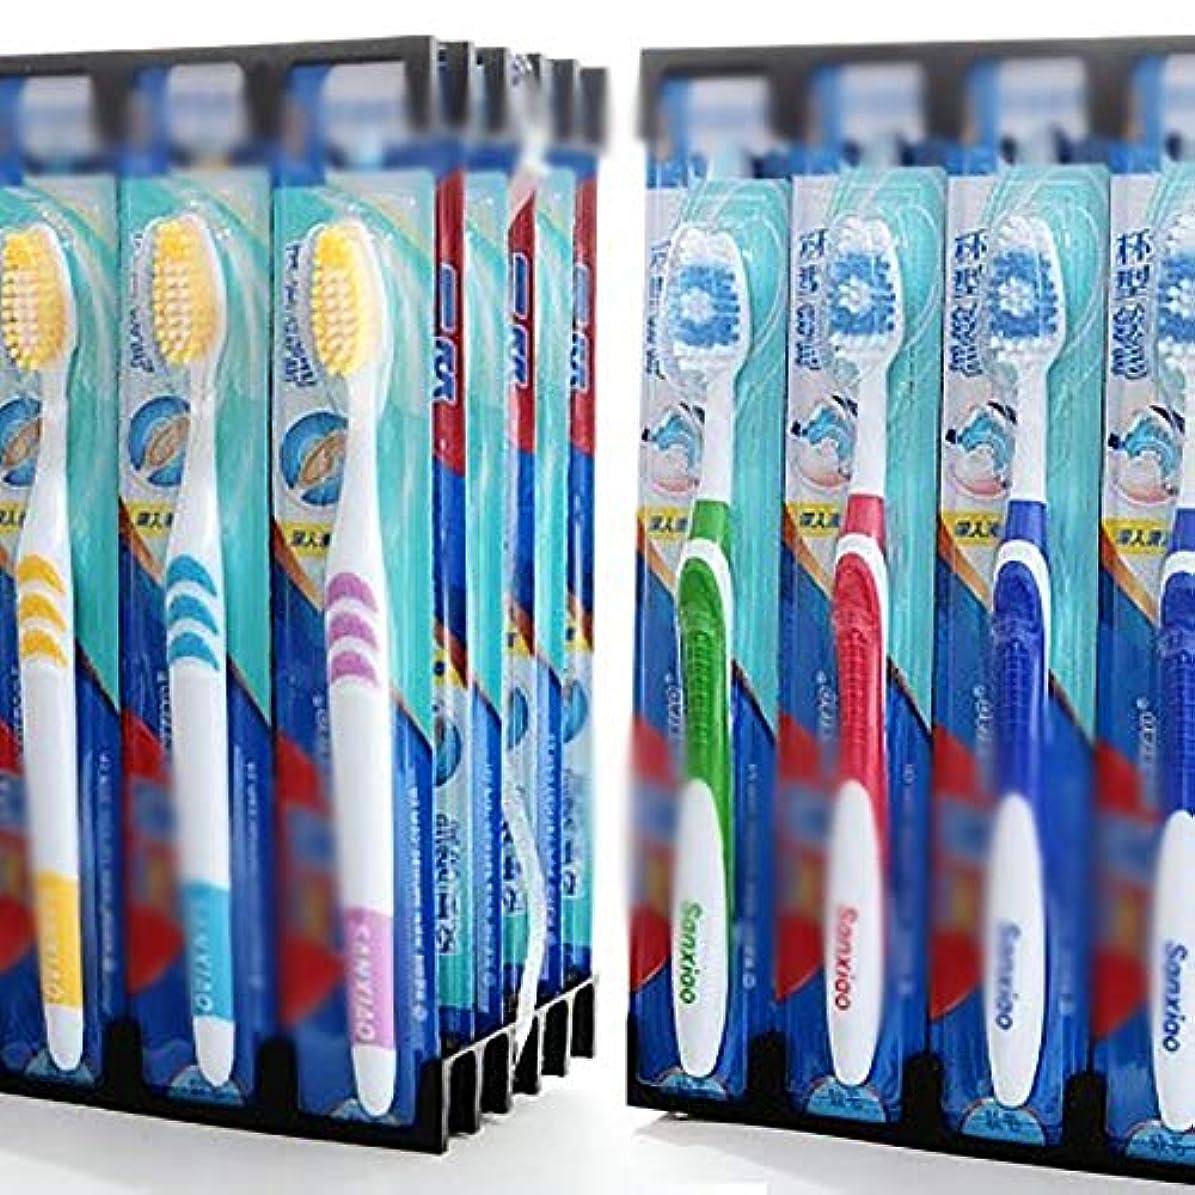 大宇宙大腿ライド歯ブラシ 30パック歯ブラシ、家族バルク成人歯ブラシ、2つのスタイル混合包装歯ブラシ - 任意8つの組み合わせ HL (色 : G, サイズ : 30 packs)